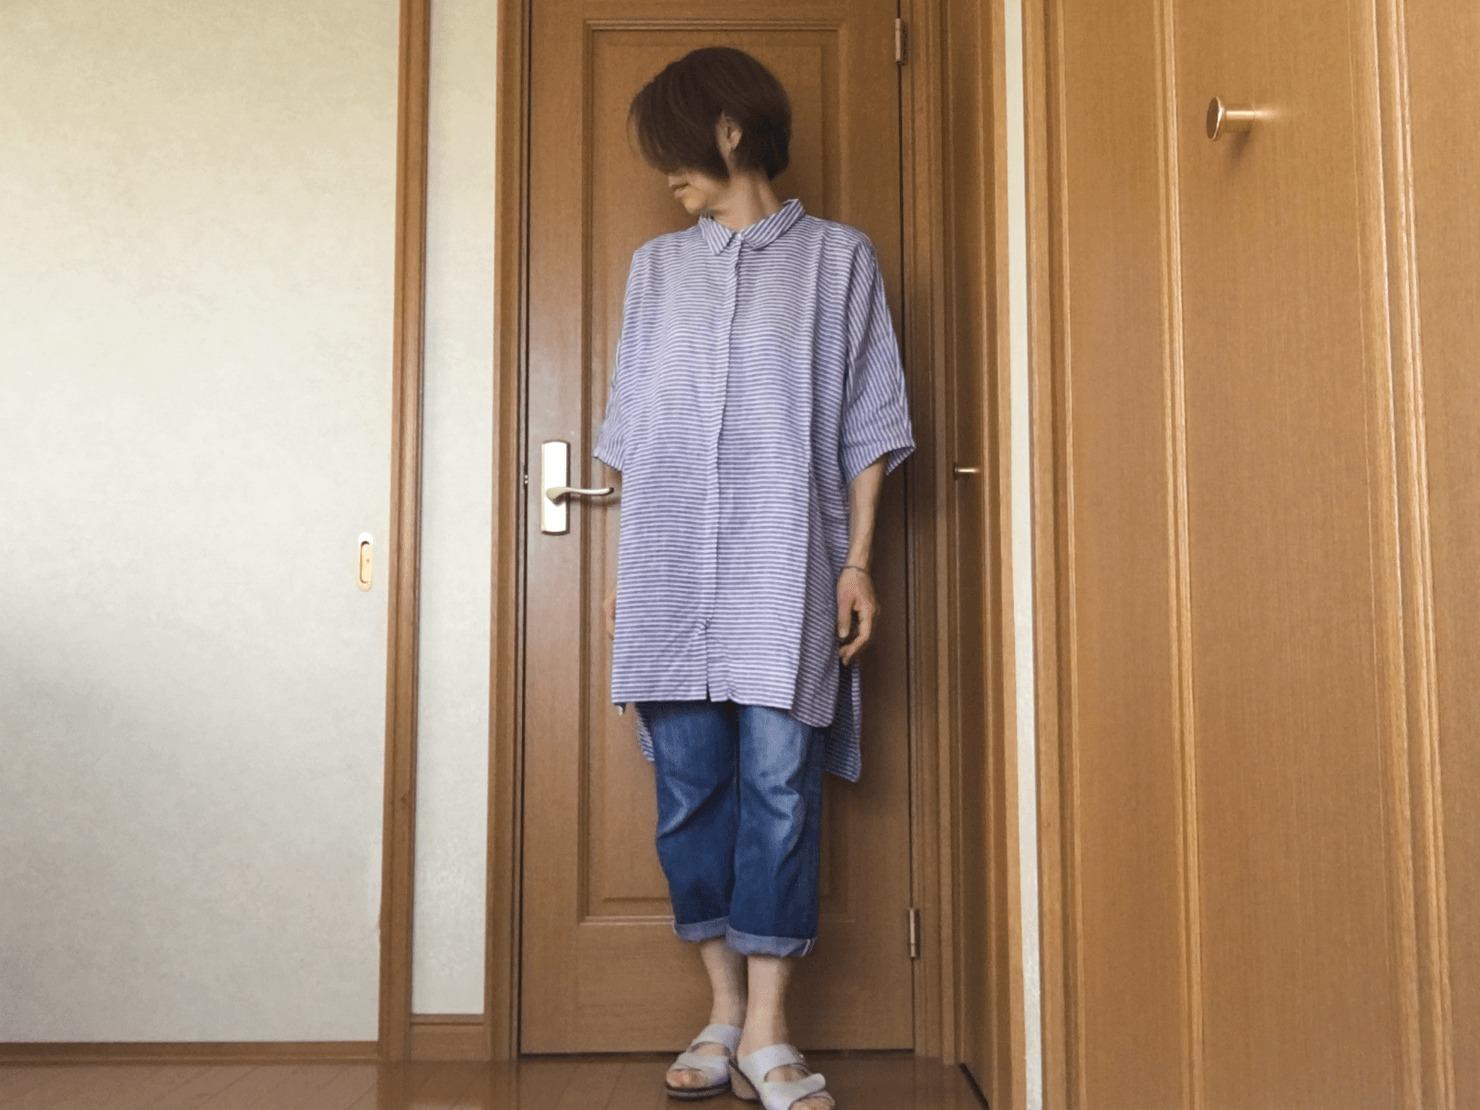 ロングシャツとデニムのコーディネートの写真